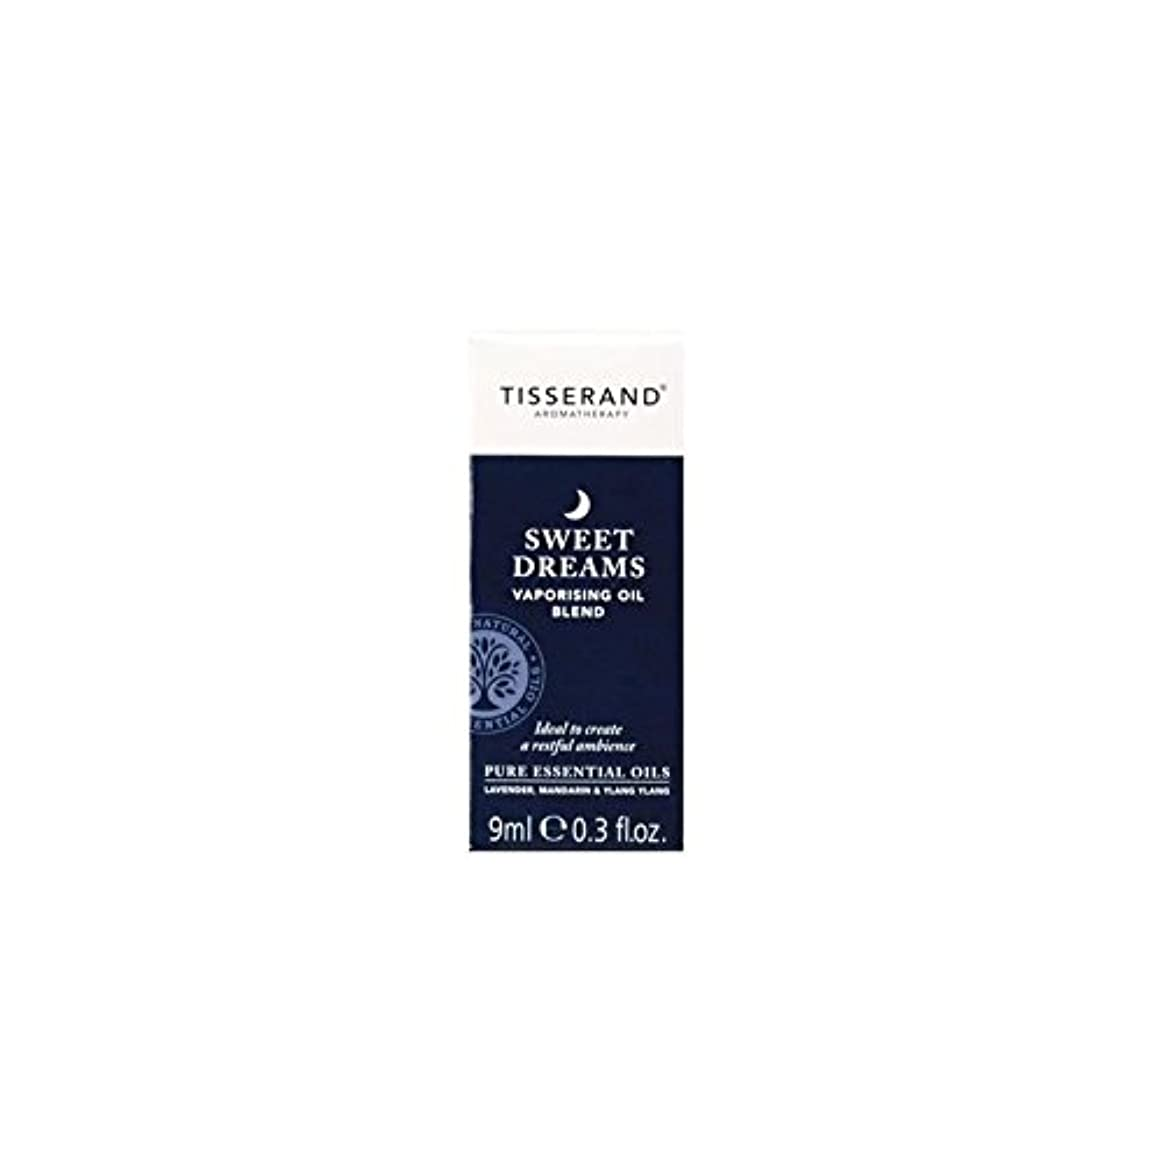 特許更新する降臨オイル9ミリリットルを気化甘い夢 (Tisserand) (x 2) - Tisserand Sweet Dreams Vaporising Oil 9ml (Pack of 2) [並行輸入品]